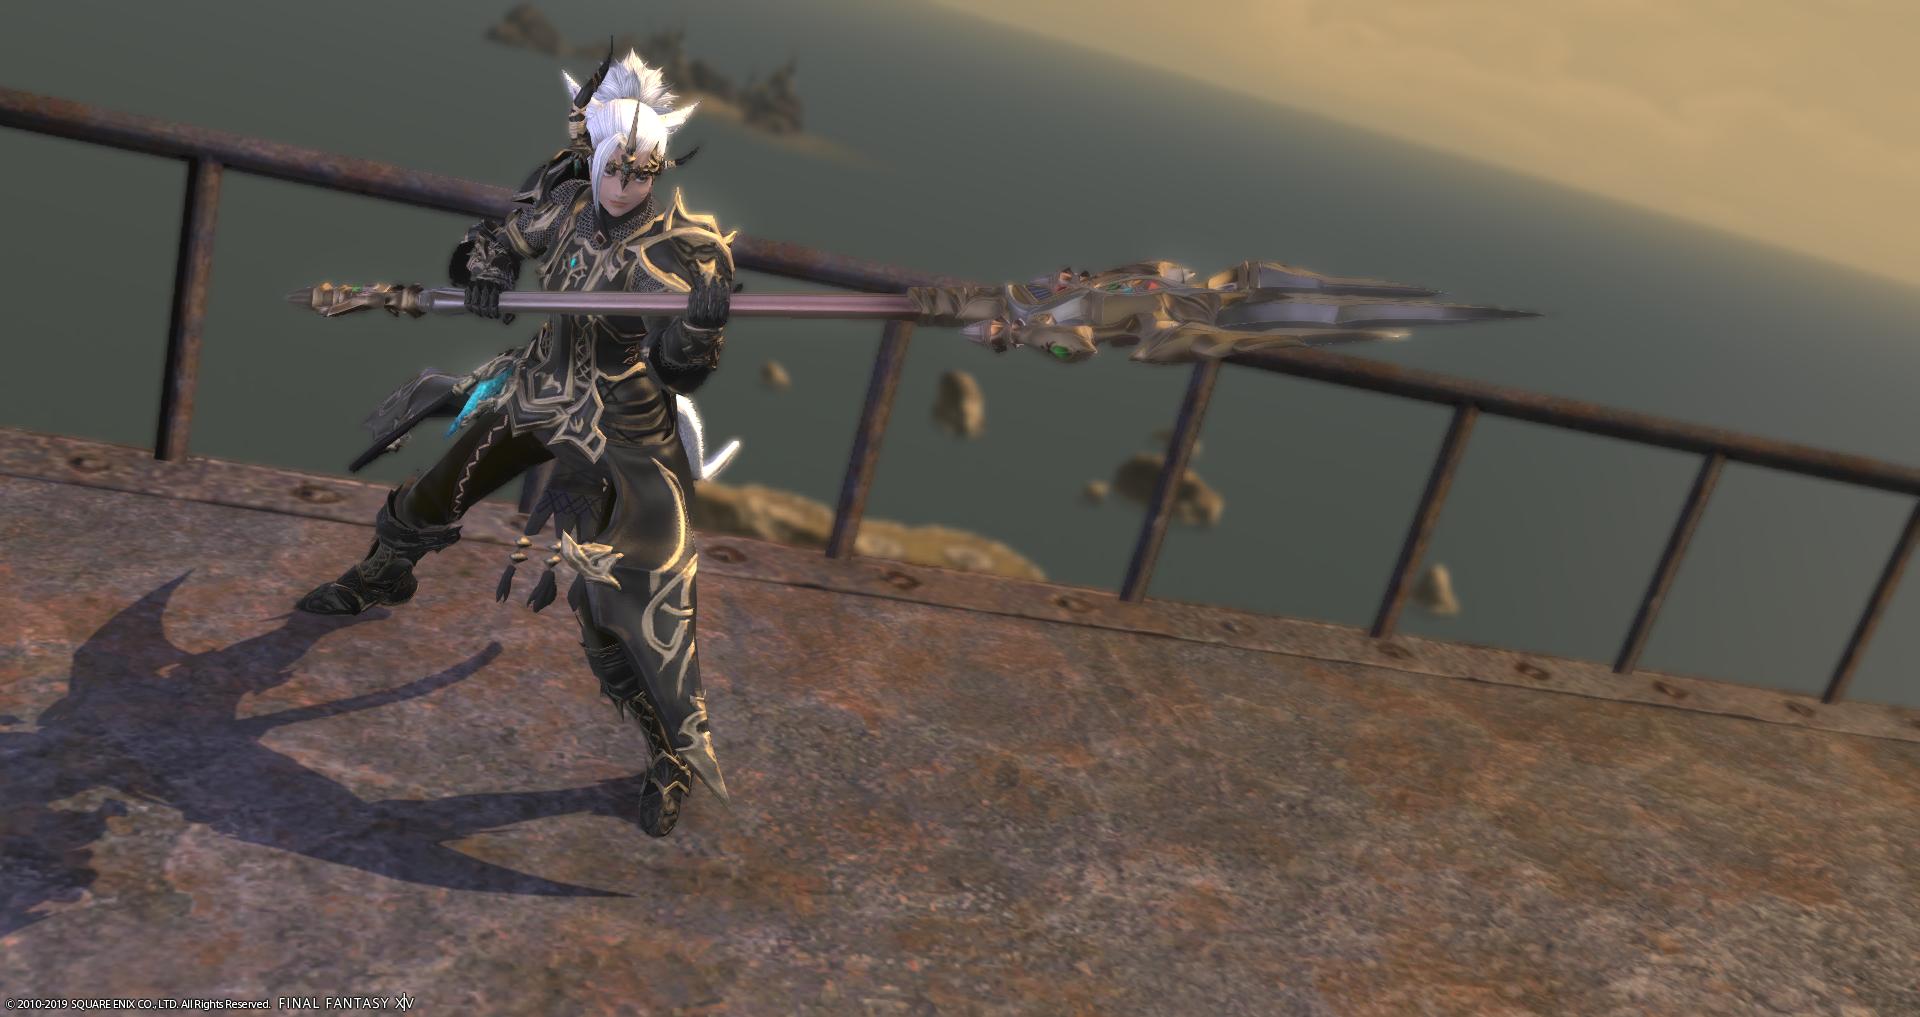 Final Fantasy Xiv Dragoon Armor